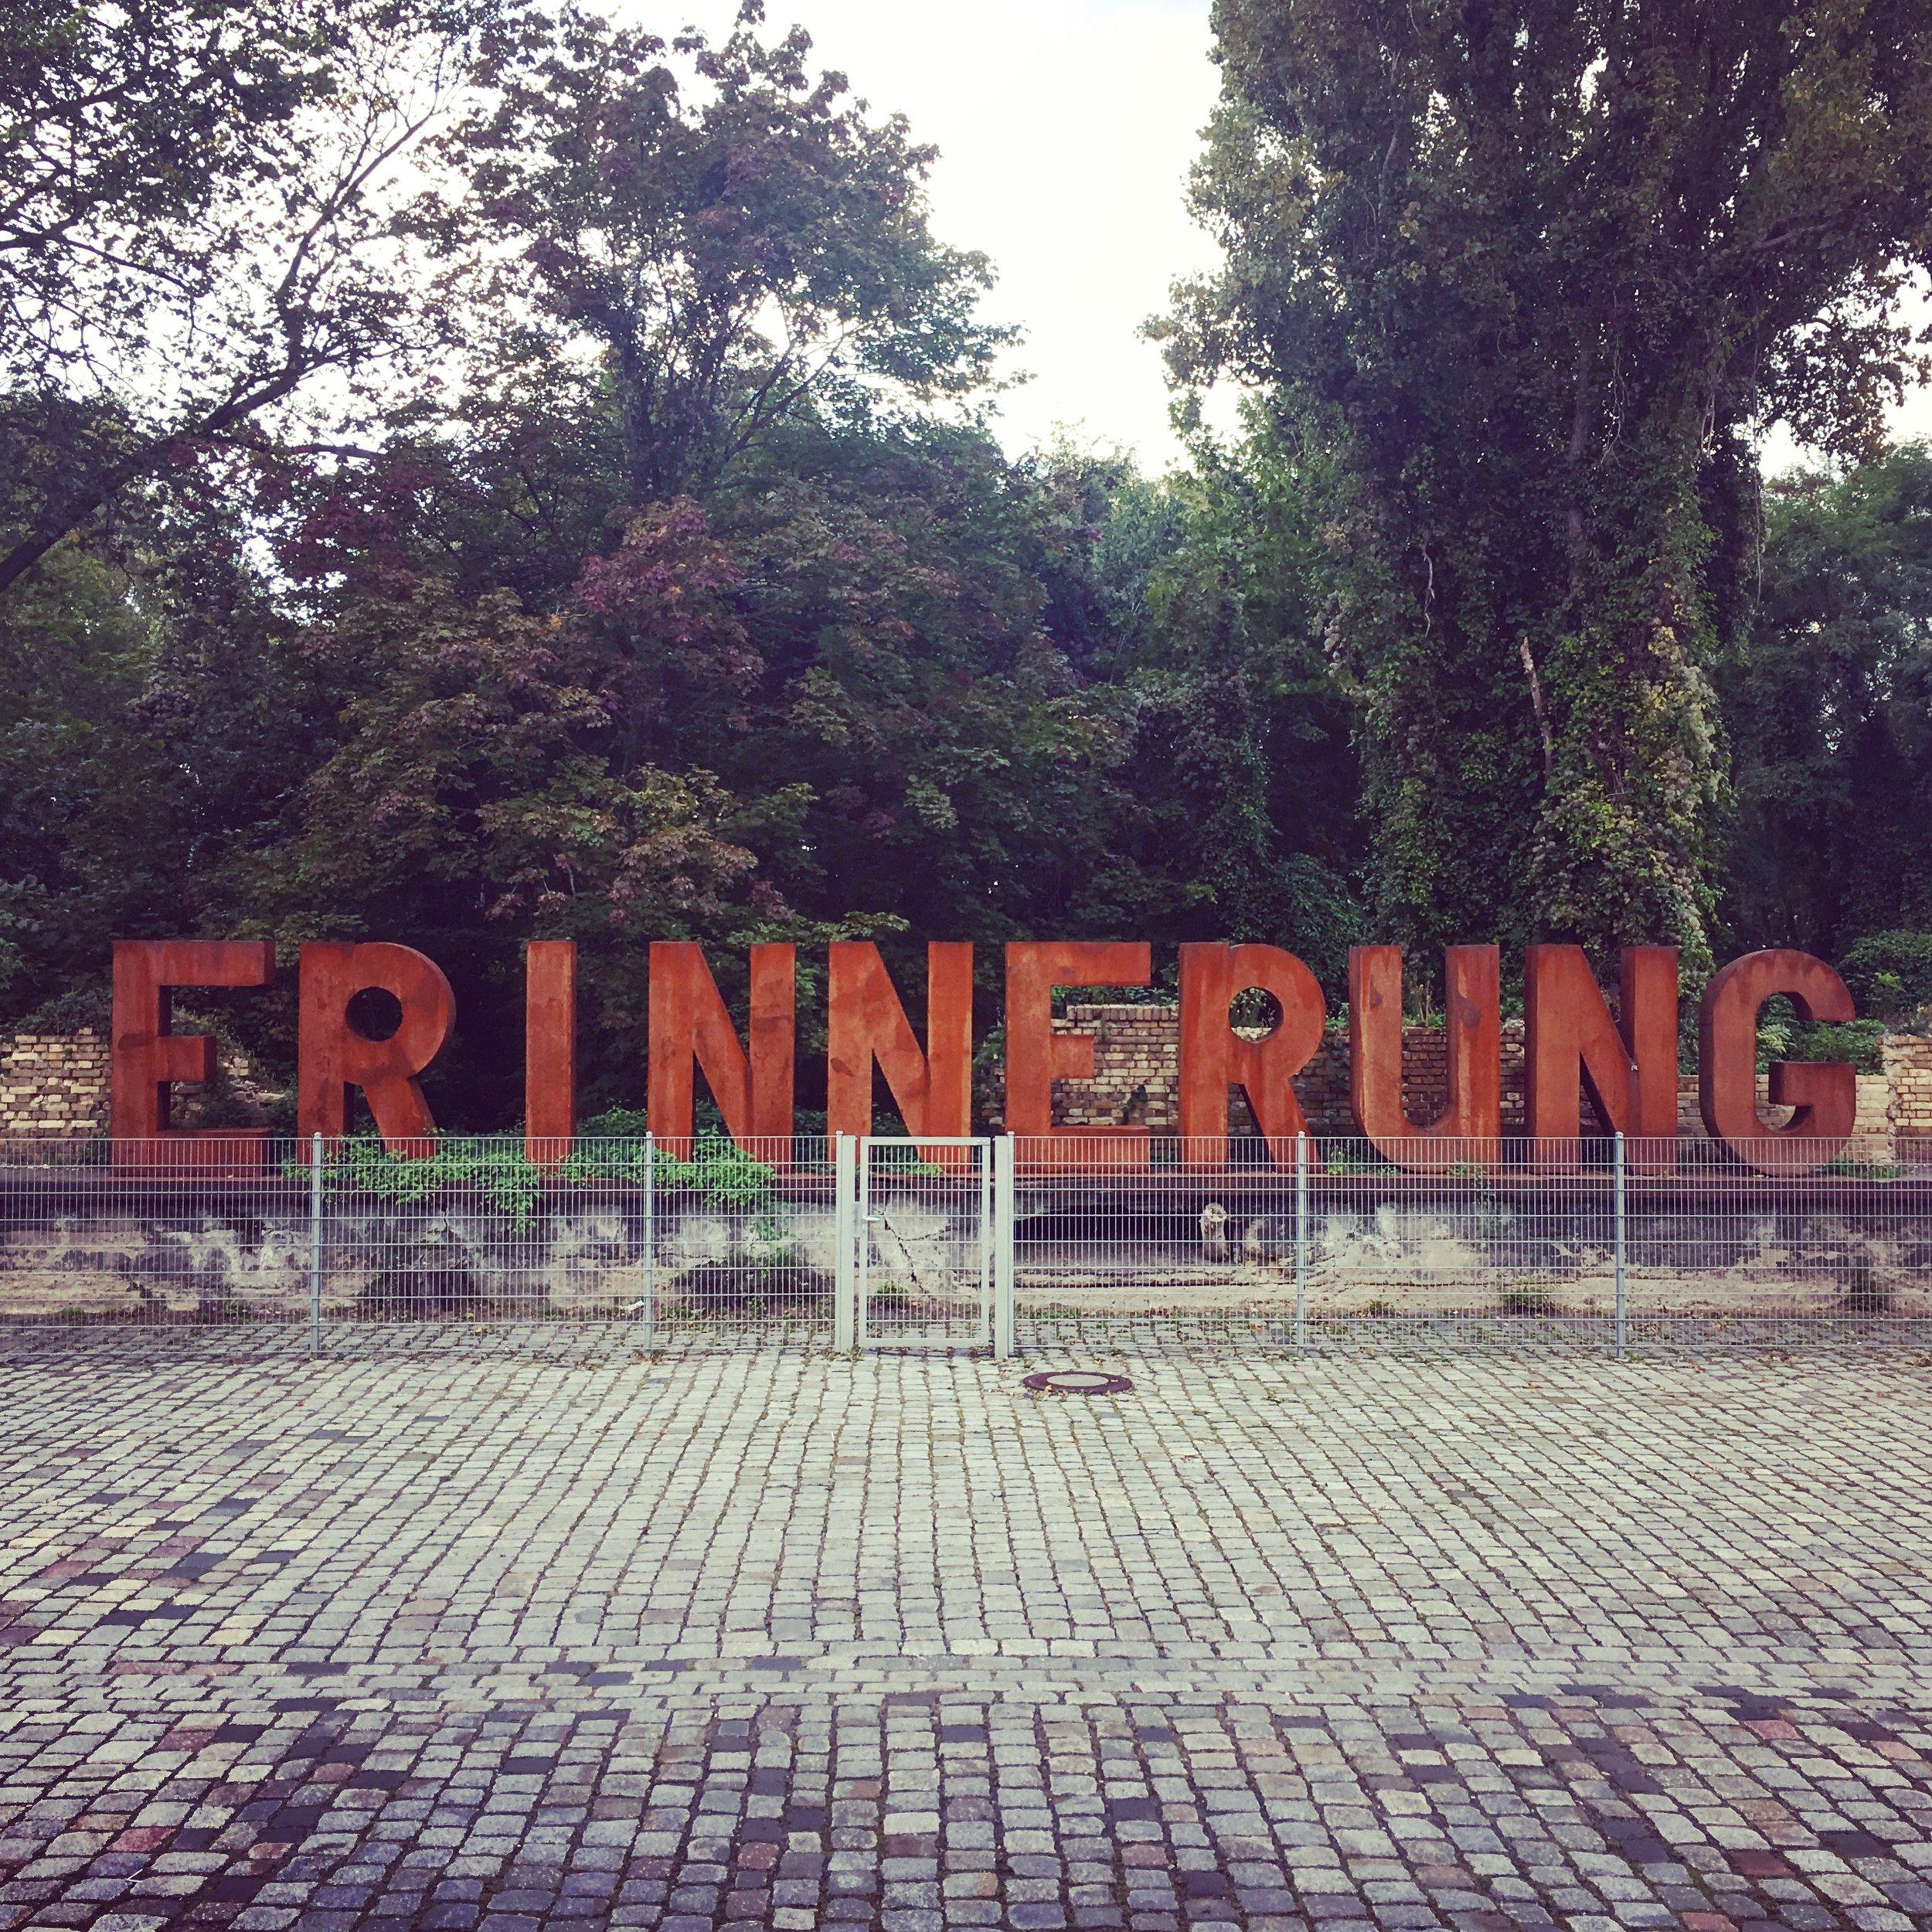 Berlin_Park-Gleisdreieck_Erinnerung-Sign